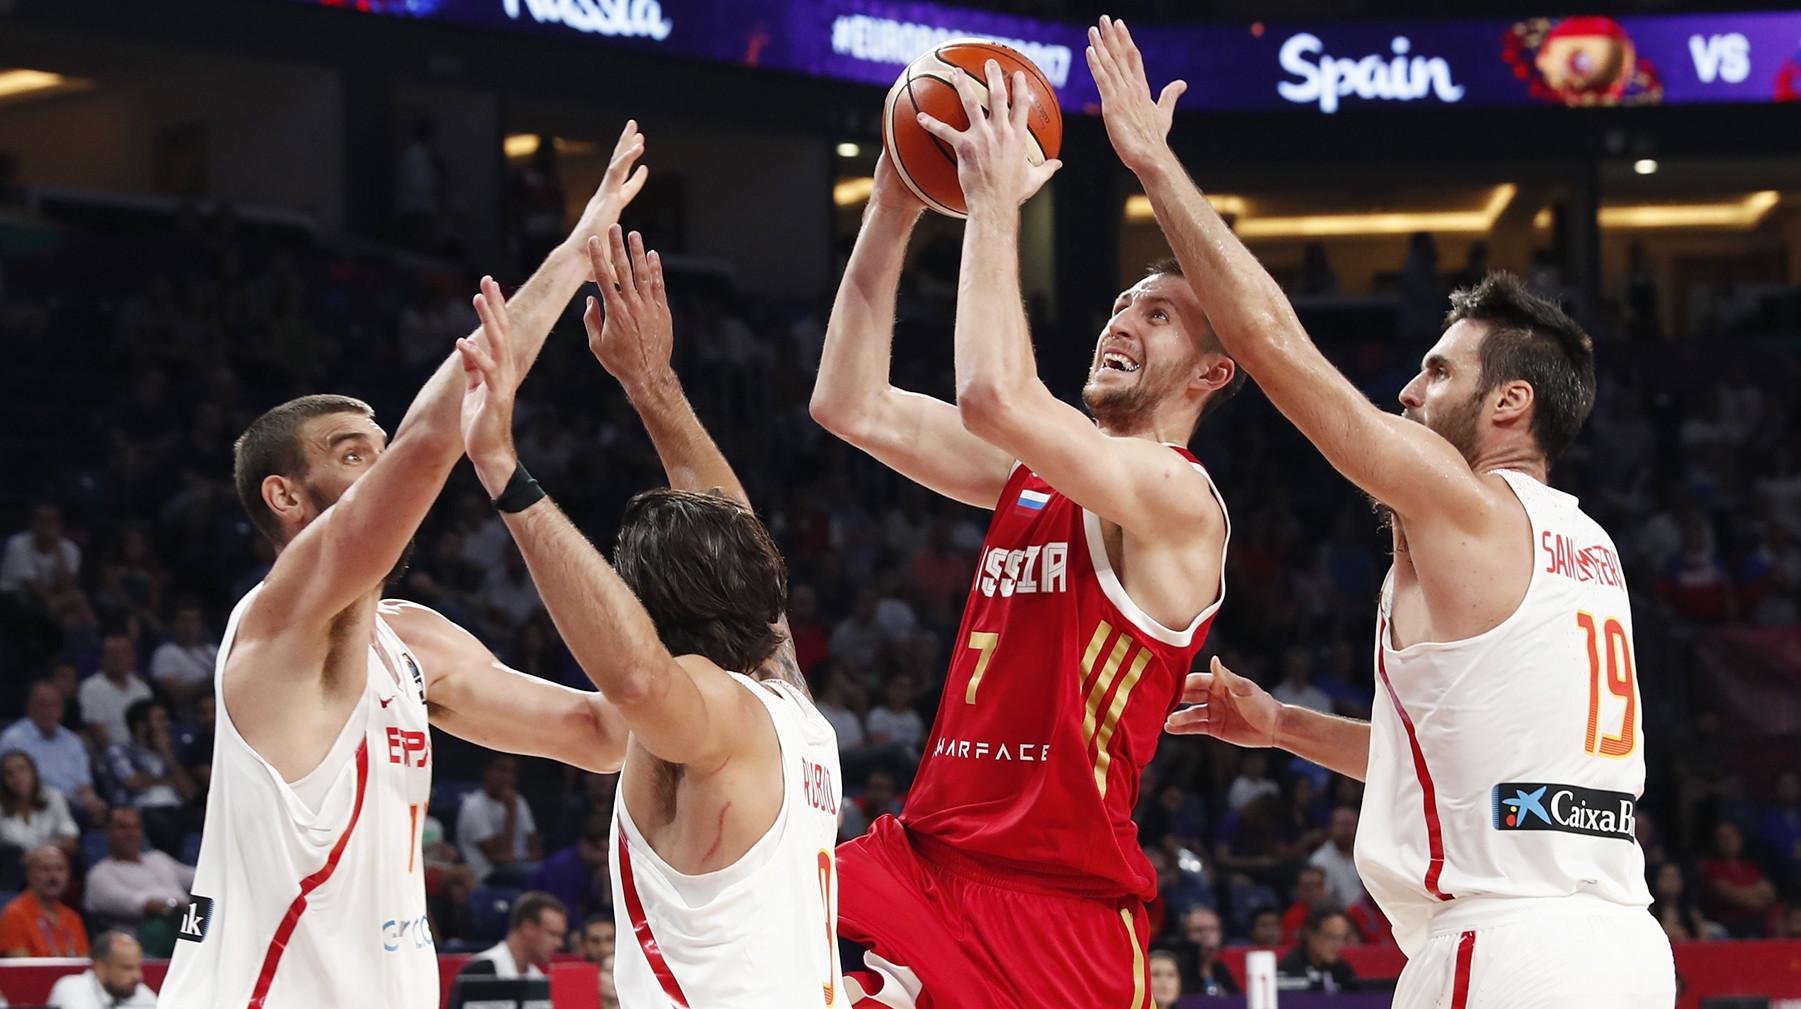 Сборные России и Испании встречаются в матче за третье место ЧЕ по баскетболу